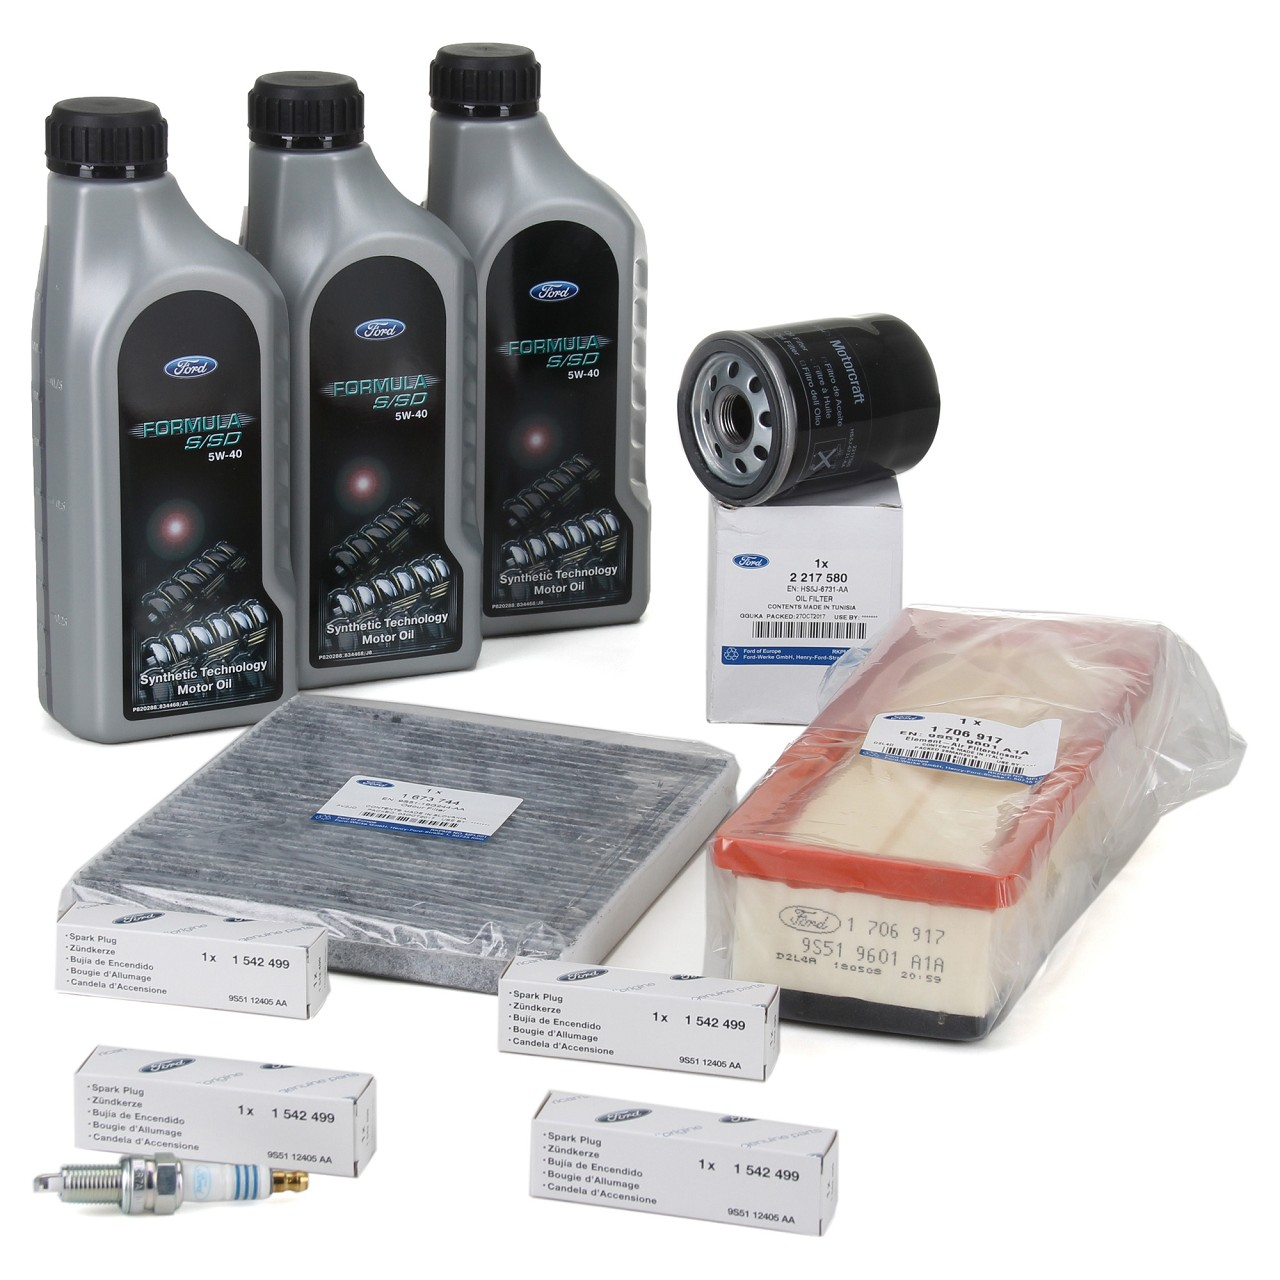 ORIGINAL Ford Inspektionskit Aktivkohle + 3L Öl 5W40 + 4x Zündkerze KA (RU8) 1.2